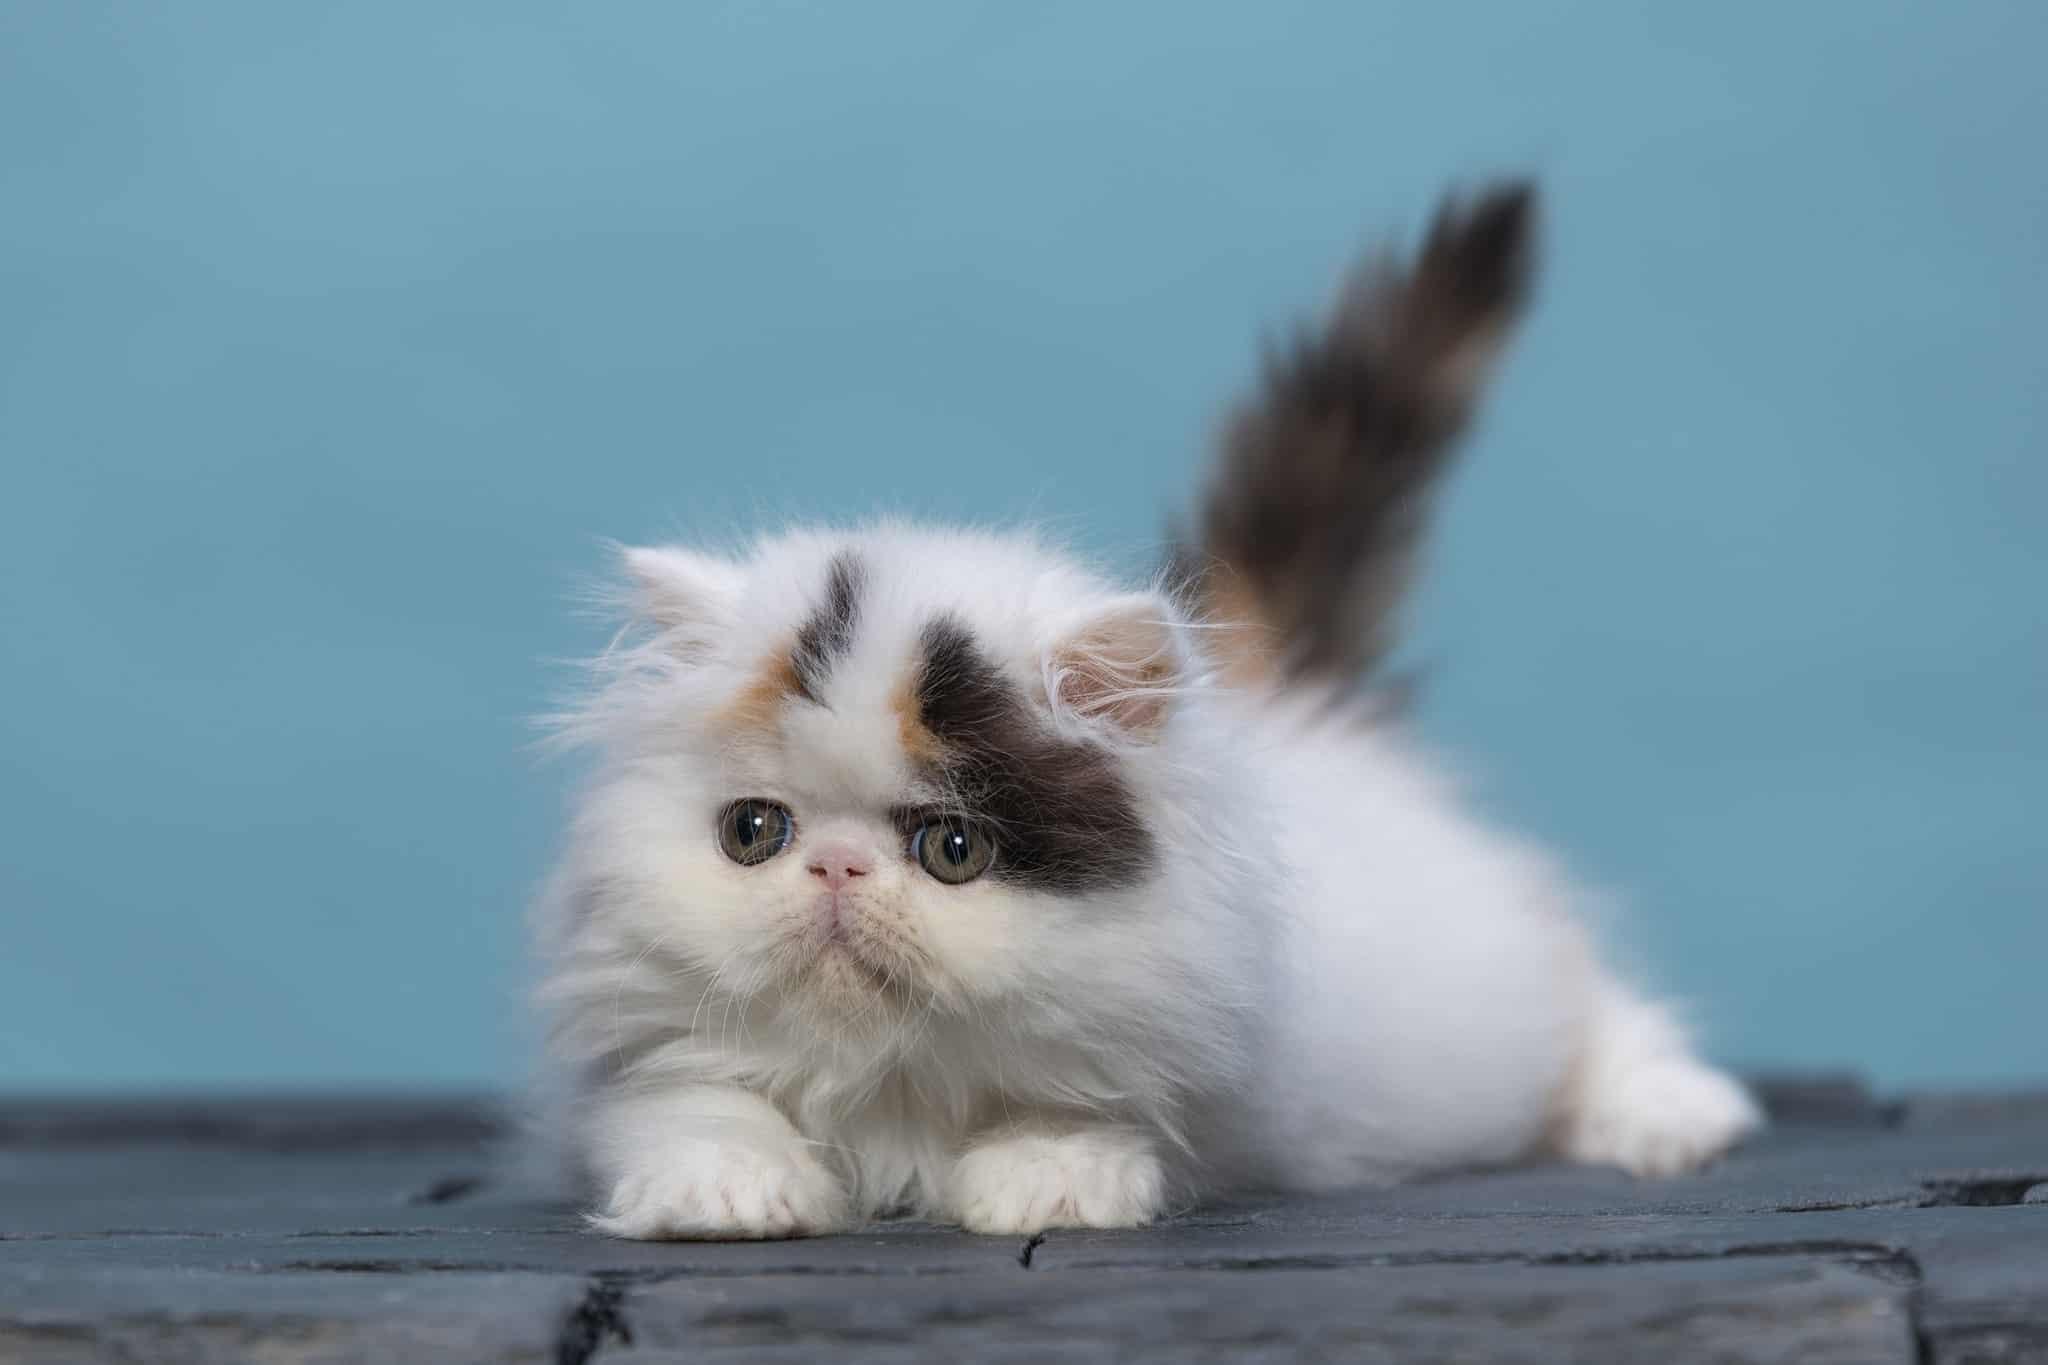 בית גידול לחתולים פרסיים AHAVA